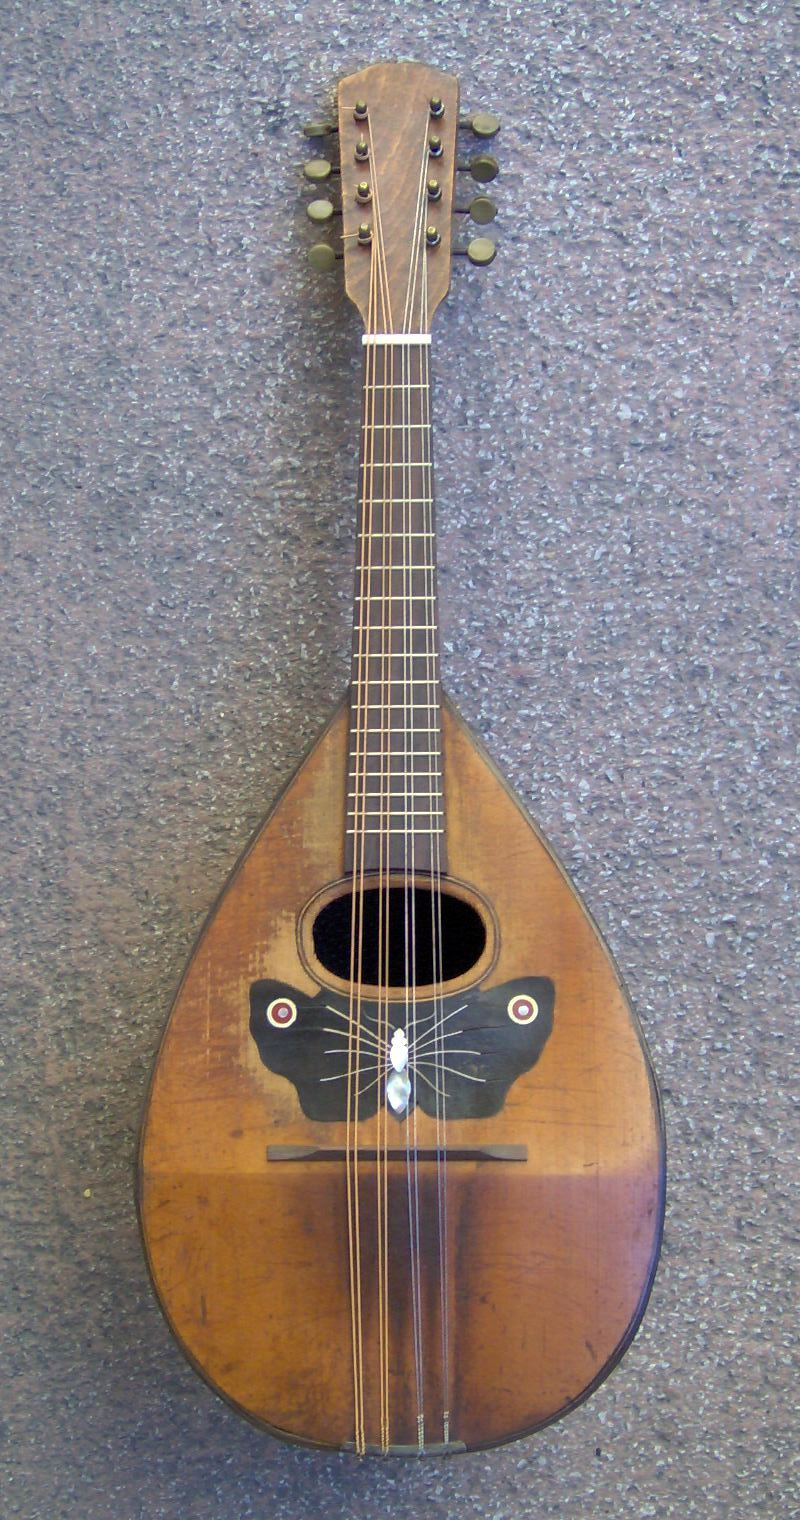 Gibson mandoline datant rencontre une fille 4 ans plus jeune